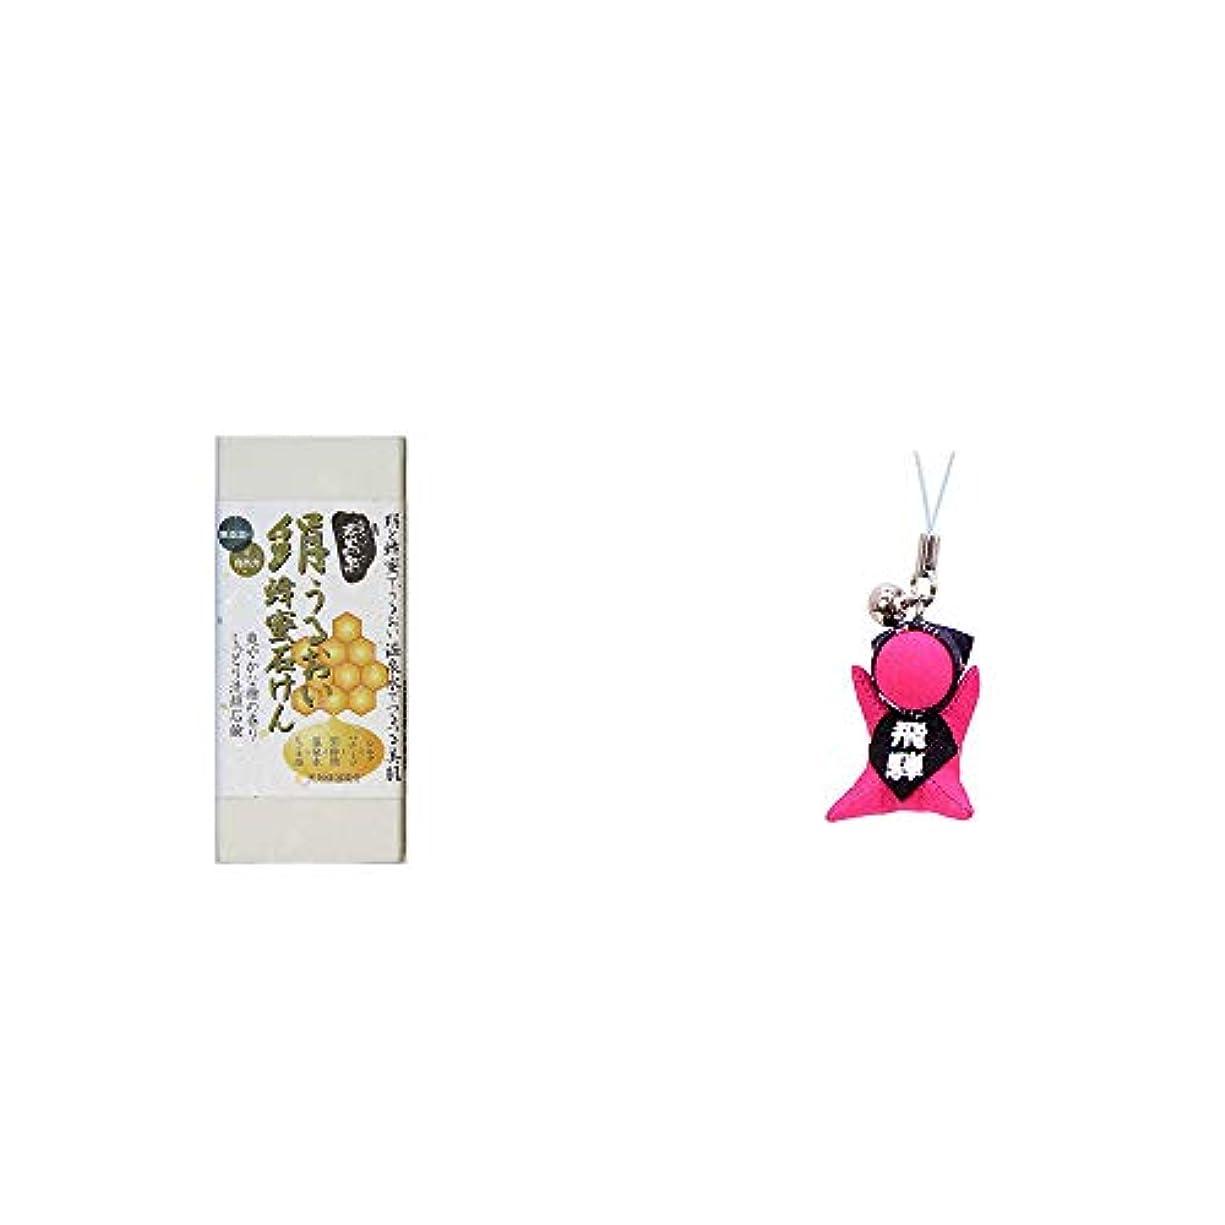 緊張する狂気手数料[2点セット] ひのき炭黒泉 絹うるおい蜂蜜石けん(75g×2)?さるぼぼ幸福ストラップ 【ピンク】 / 風水カラー全9種類 縁結び?恋愛(出会い) お守り//